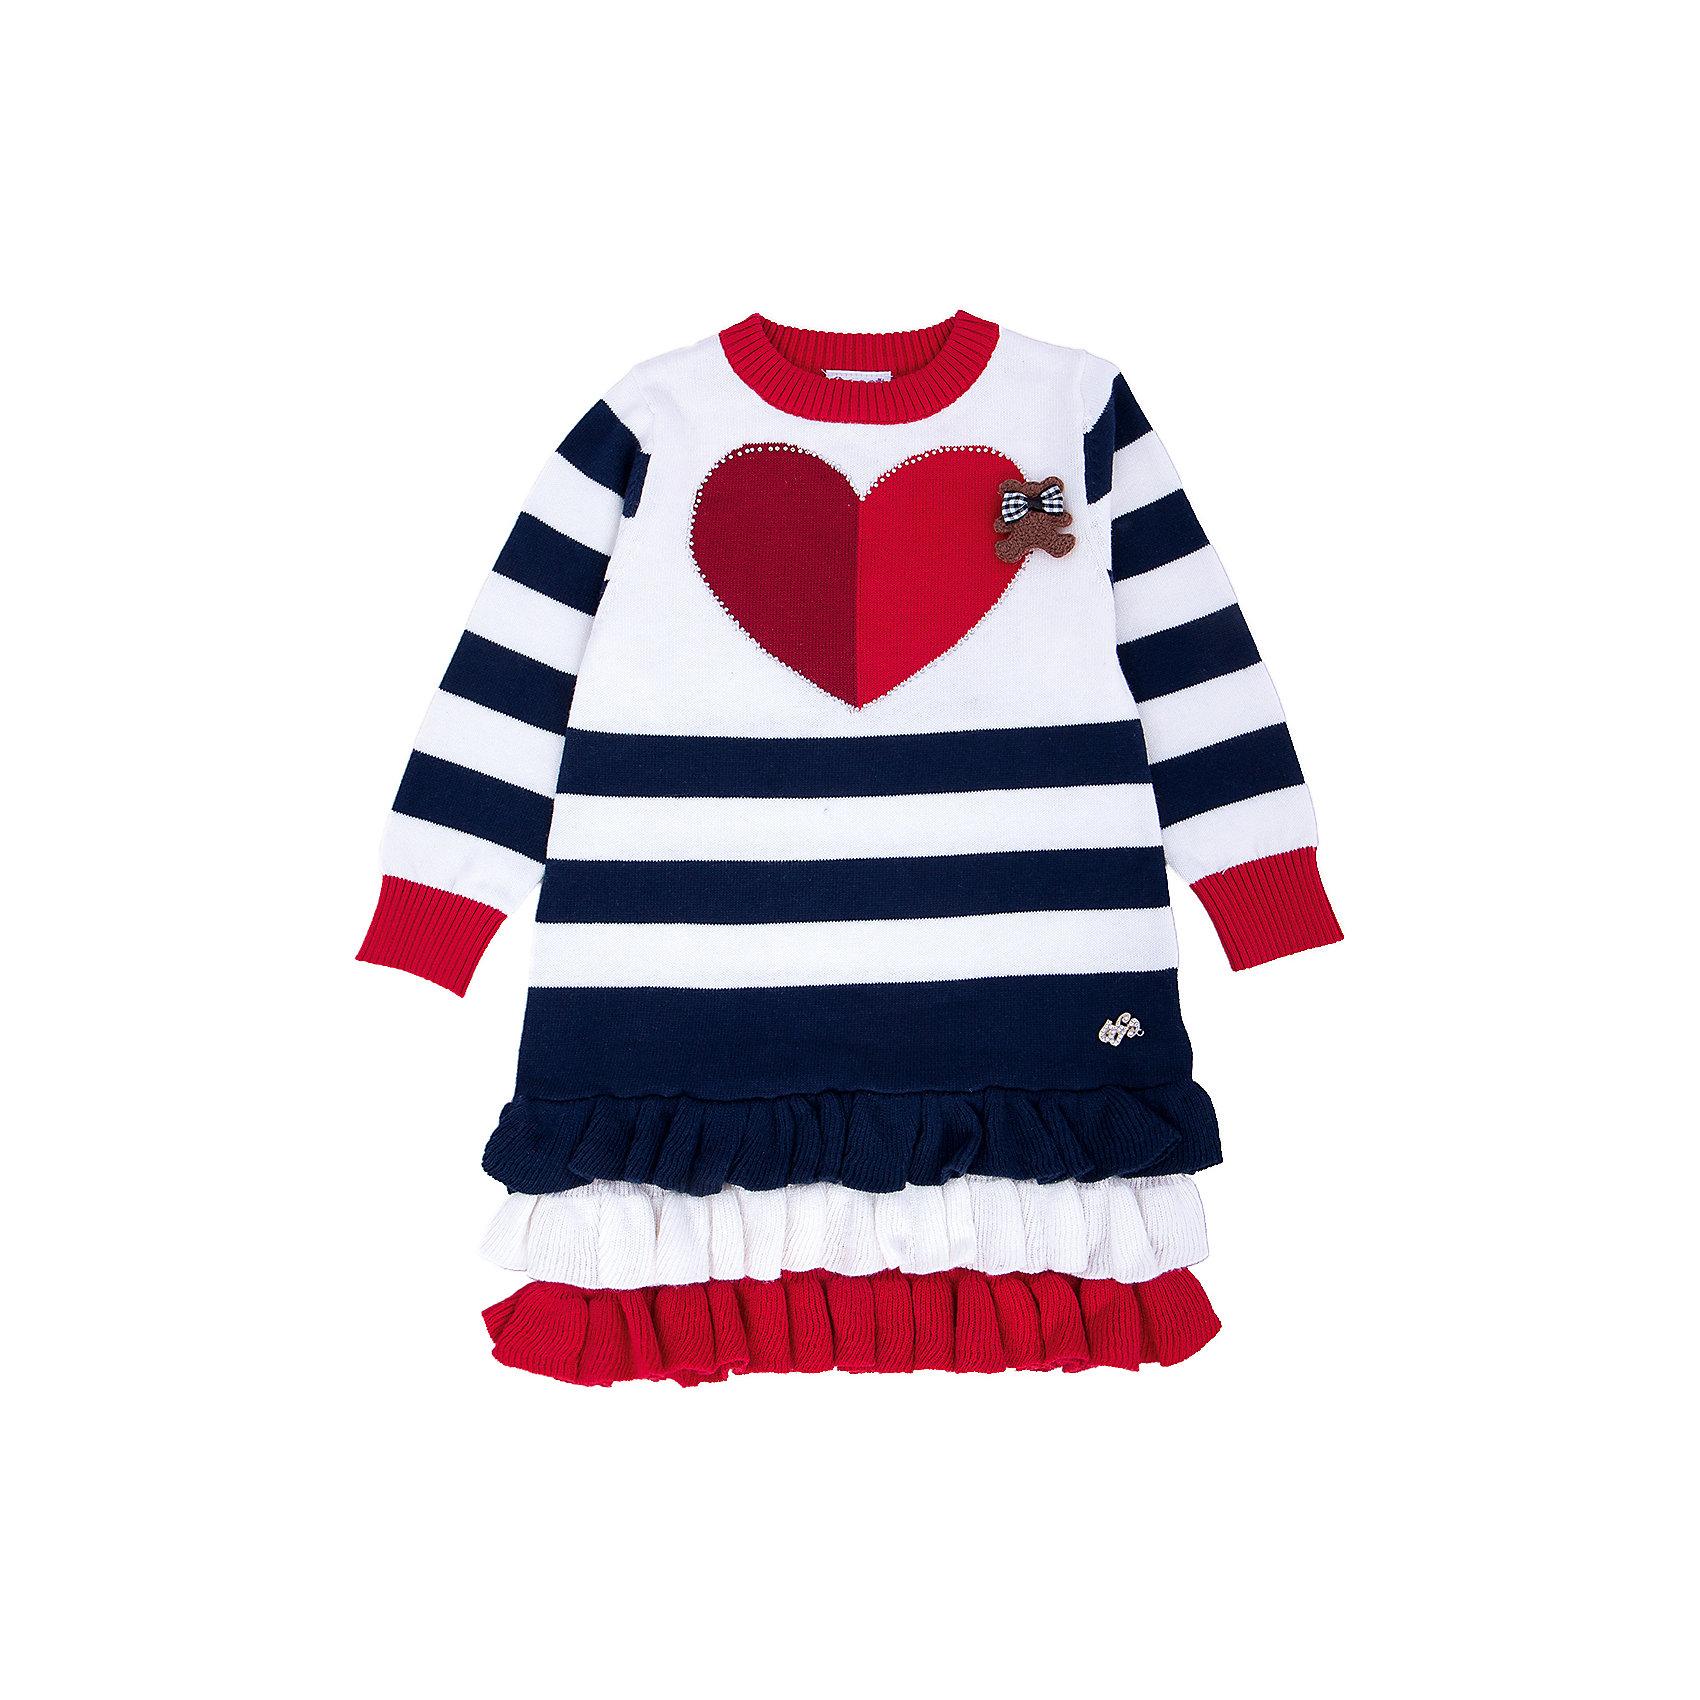 Платье для девочки Sweet BerryПлатья<br>Такое платье отличается модным дизайном с принтом и карманами. Удачный крой обеспечит ребенку комфорт и тепло. Плотный материал делает вещь идеальной для прохладной погоды. Она хорошо прилегает к телу там, где нужно, и отлично сидит по фигуре. Натуральный хлопок обеспечит коже возможность дышать и не вызовет аллергии.<br>Одежда от бренда Sweet Berry - это простой и выгодный способ одеть ребенка удобно и стильно. Всё изделия тщательно проработаны: швы - прочные, материал - качественный, фурнитура - подобранная специально для детей.<br><br>Дополнительная информация:<br><br>цвет: разноцветный;<br>состав: 100% хлопок;<br>декорировано сердечком и воланами.<br><br>Платье для девочки от бренда Sweet Berry можно купить в нашем интернет-магазине.<br><br>Ширина мм: 236<br>Глубина мм: 16<br>Высота мм: 184<br>Вес г: 177<br>Цвет: синий<br>Возраст от месяцев: 12<br>Возраст до месяцев: 15<br>Пол: Женский<br>Возраст: Детский<br>Размер: 80,86,92,98<br>SKU: 4931323